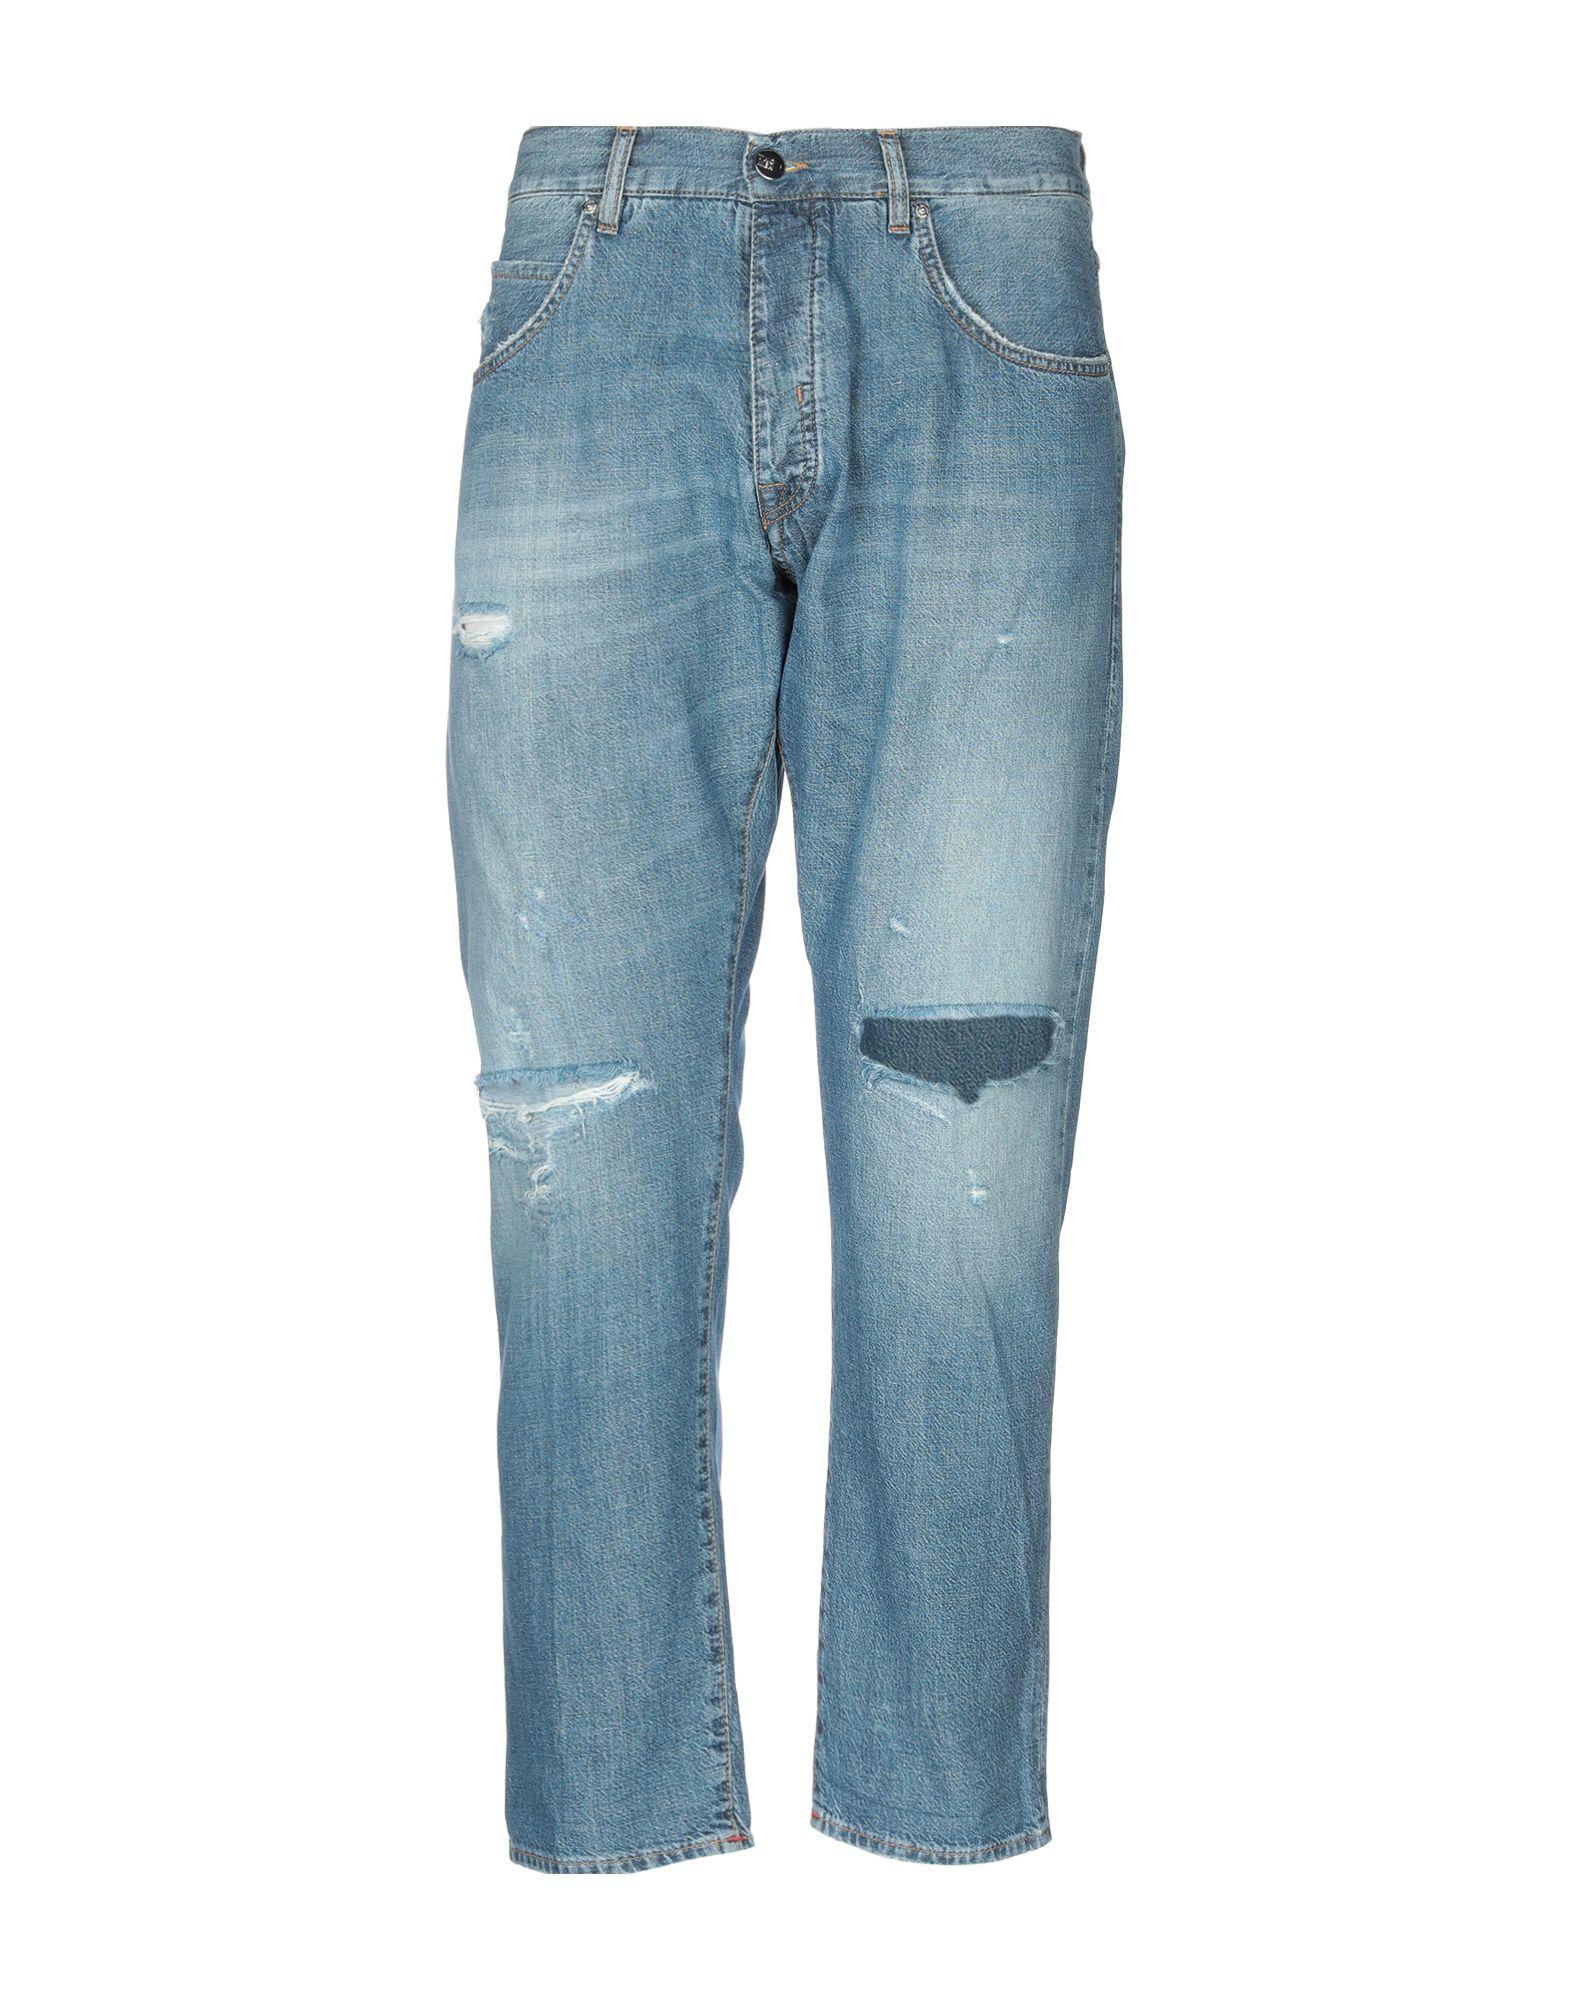 Длина мужских джинсов фото сша продали